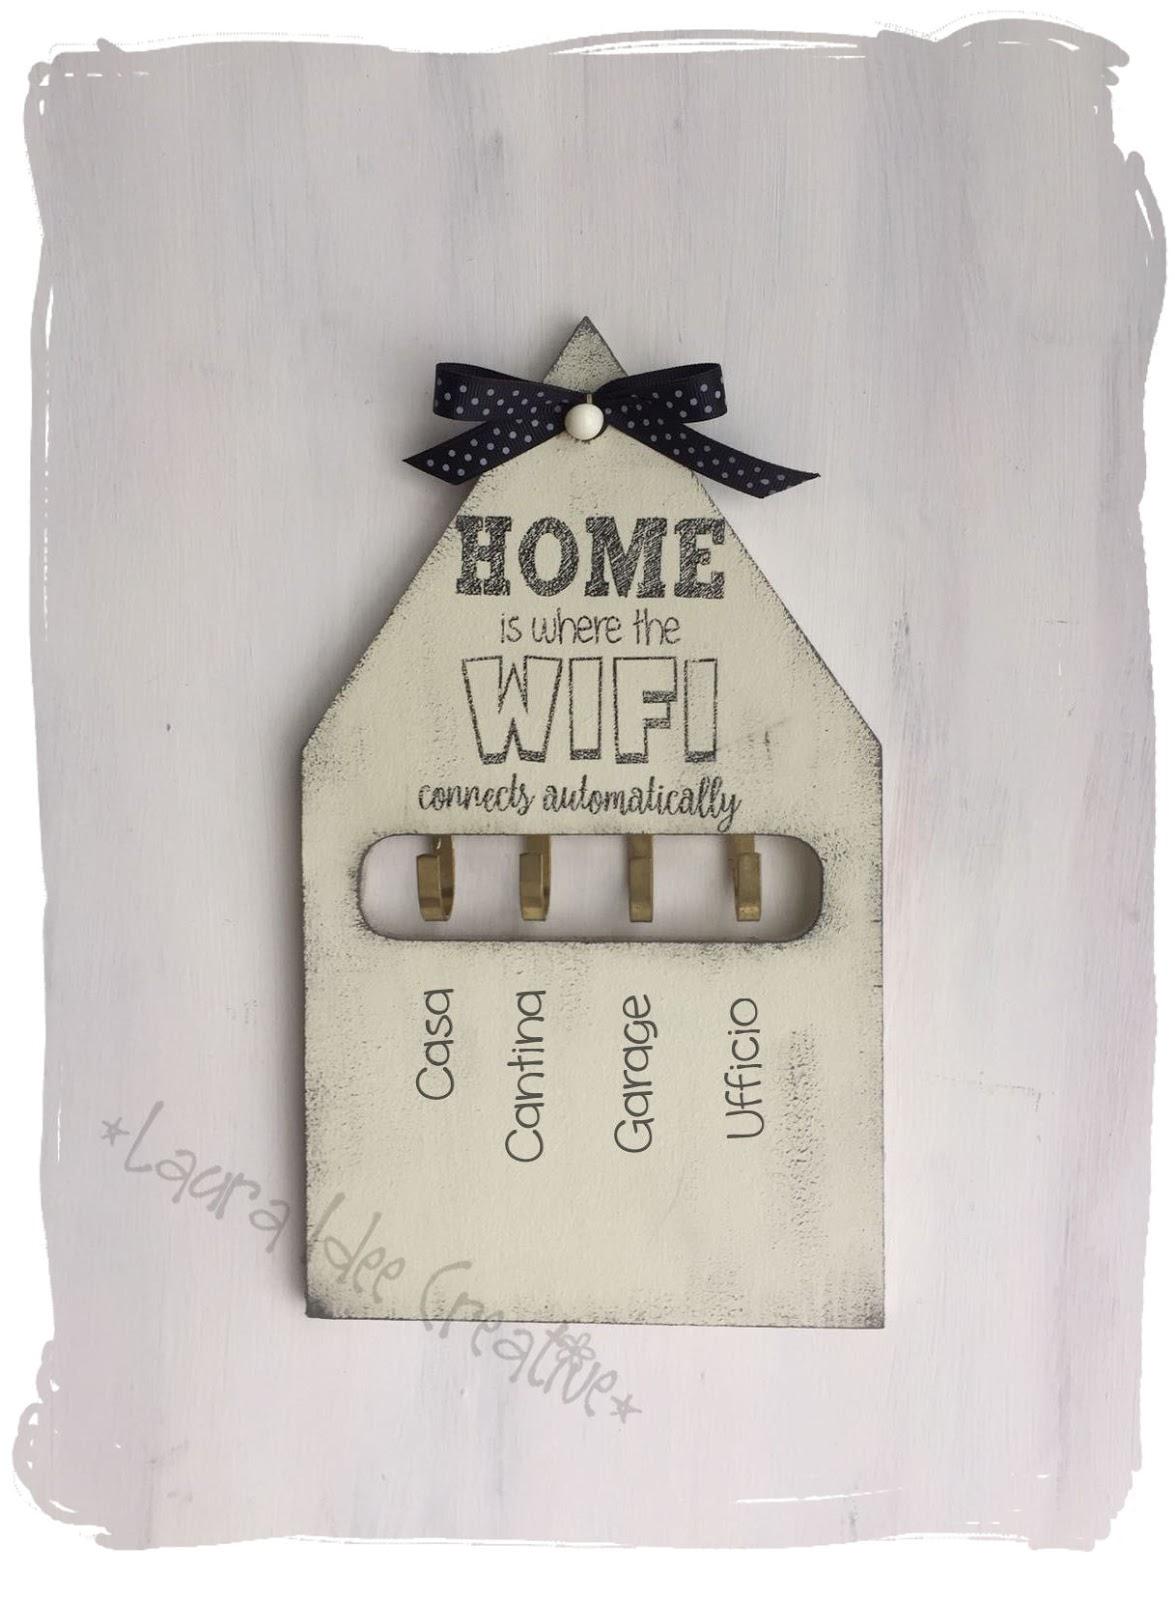 Laura idee creative portachiavi da parete in legno a for Design personalizzato per la casa